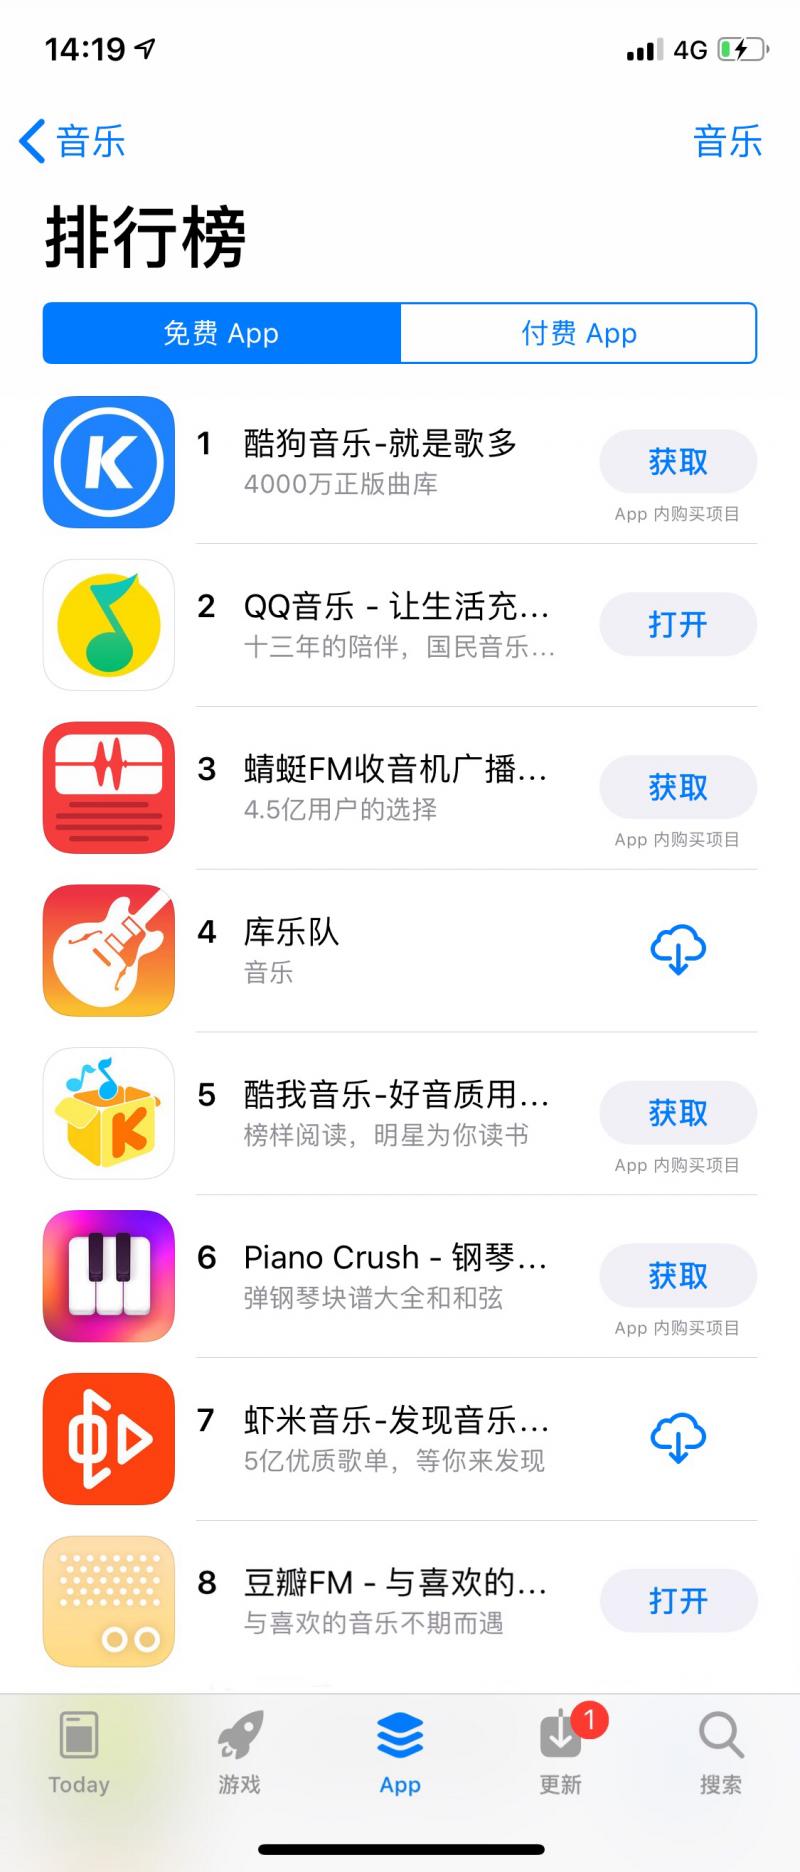 豆瓣FM发布6.0.1版本 重回App Store音乐榜前十